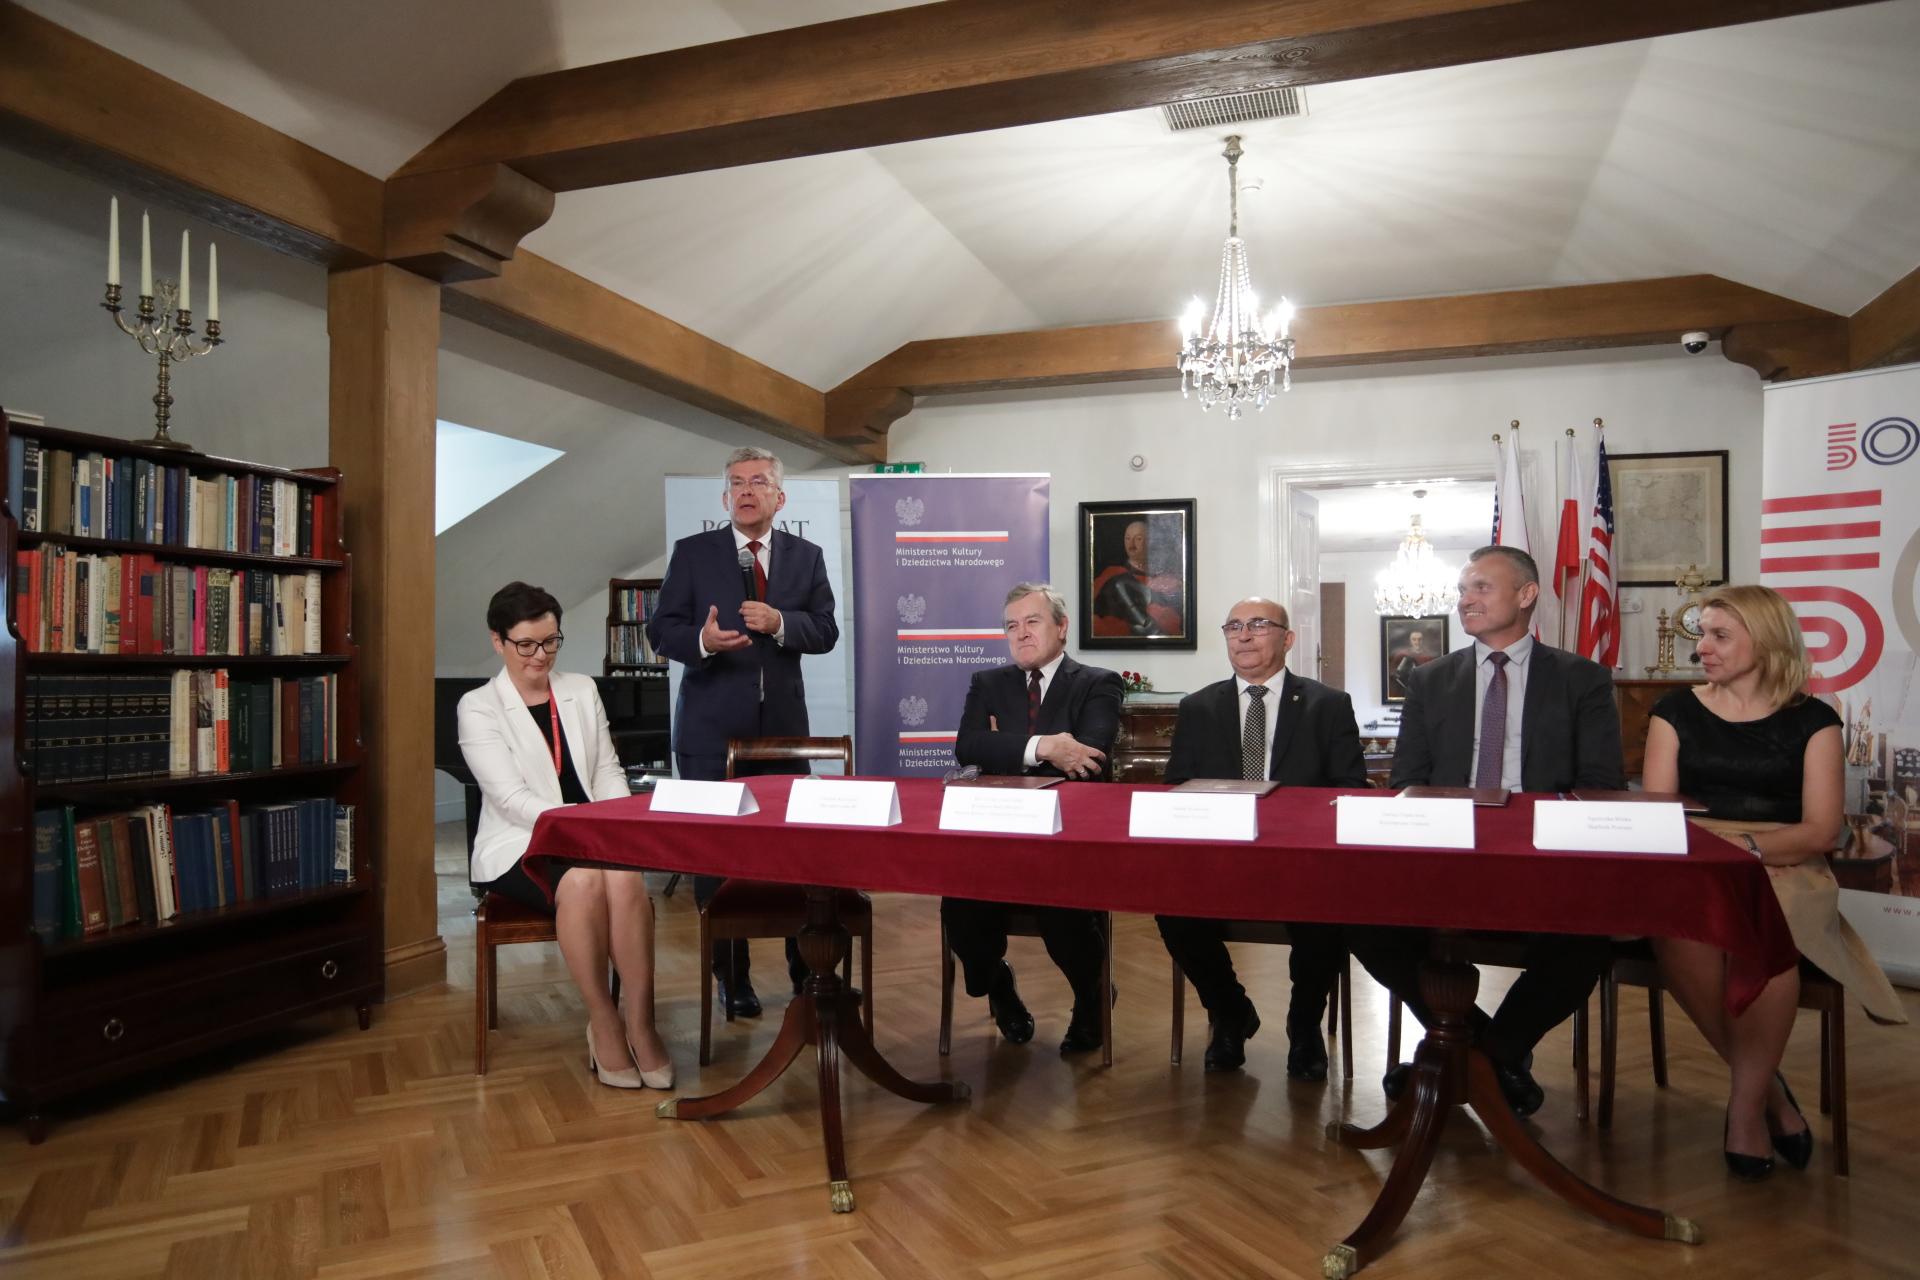 na zdjęciu uroczystość podpisania umowy o współprowadzeniu Muzeum im. Kazimierza Pułaskiego w Warce autor zdjęcia Danuta Matloch